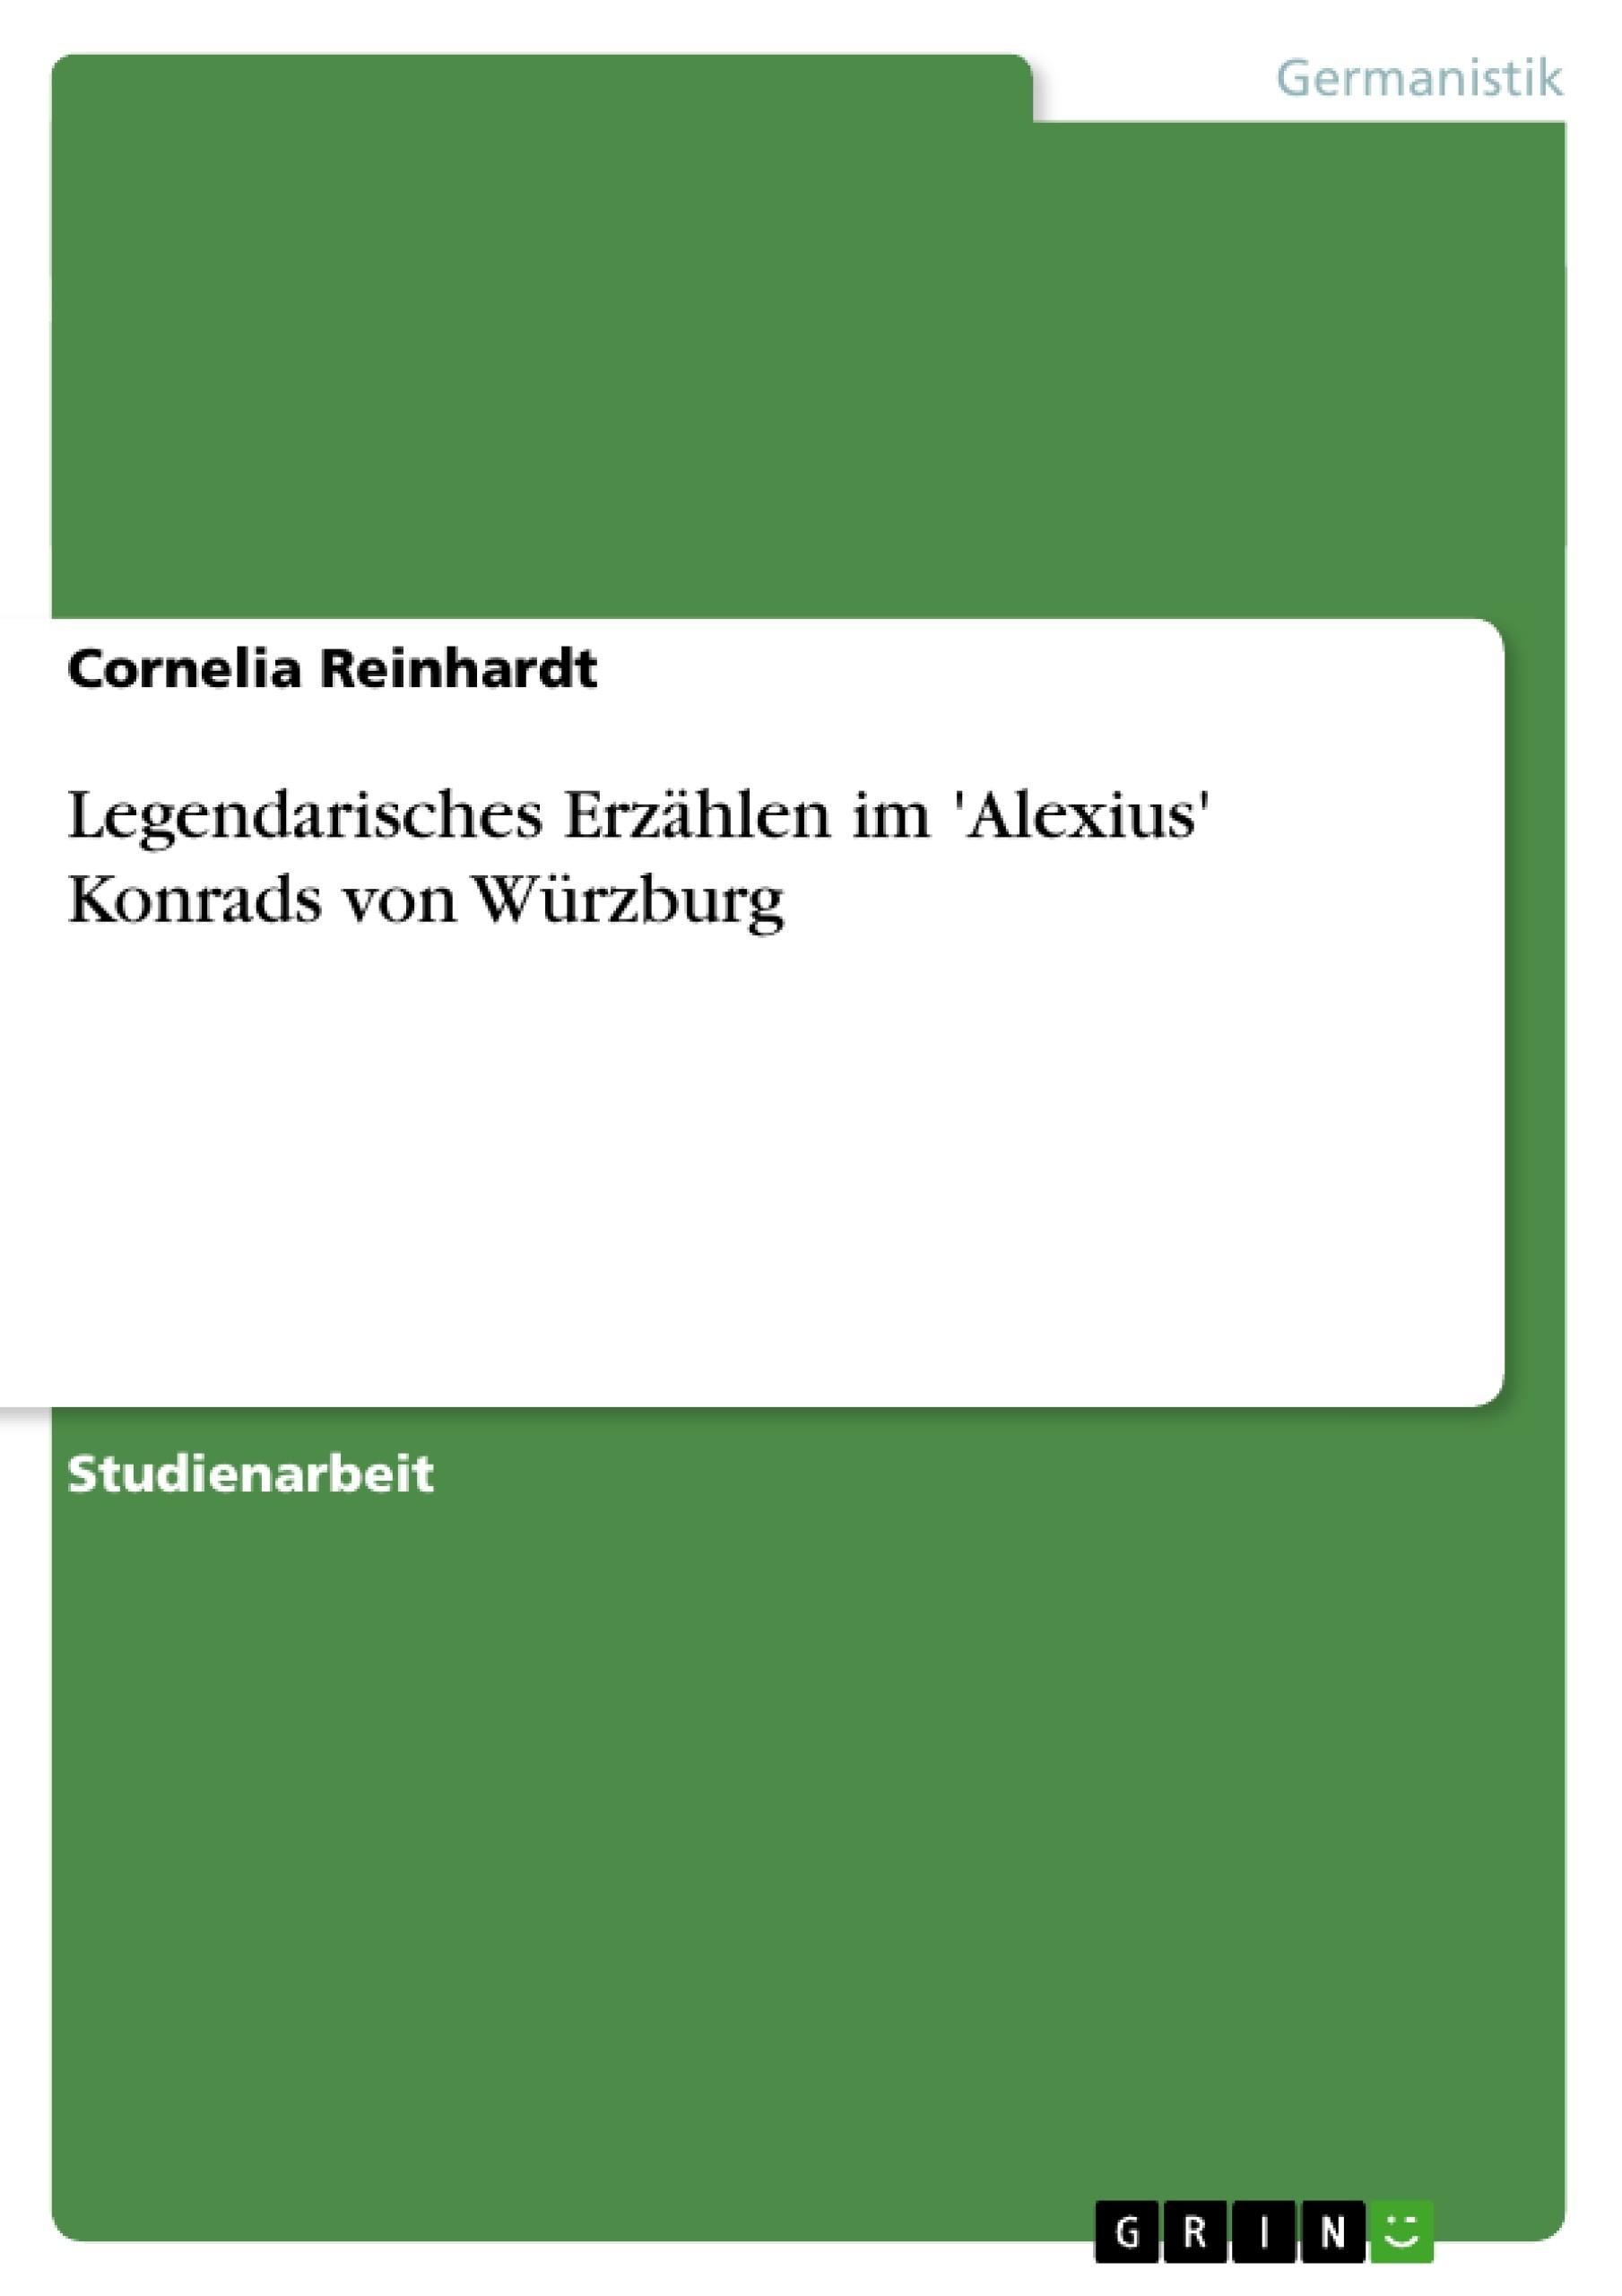 Titel: Legendarisches Erzählen im 'Alexius' Konrads von Würzburg